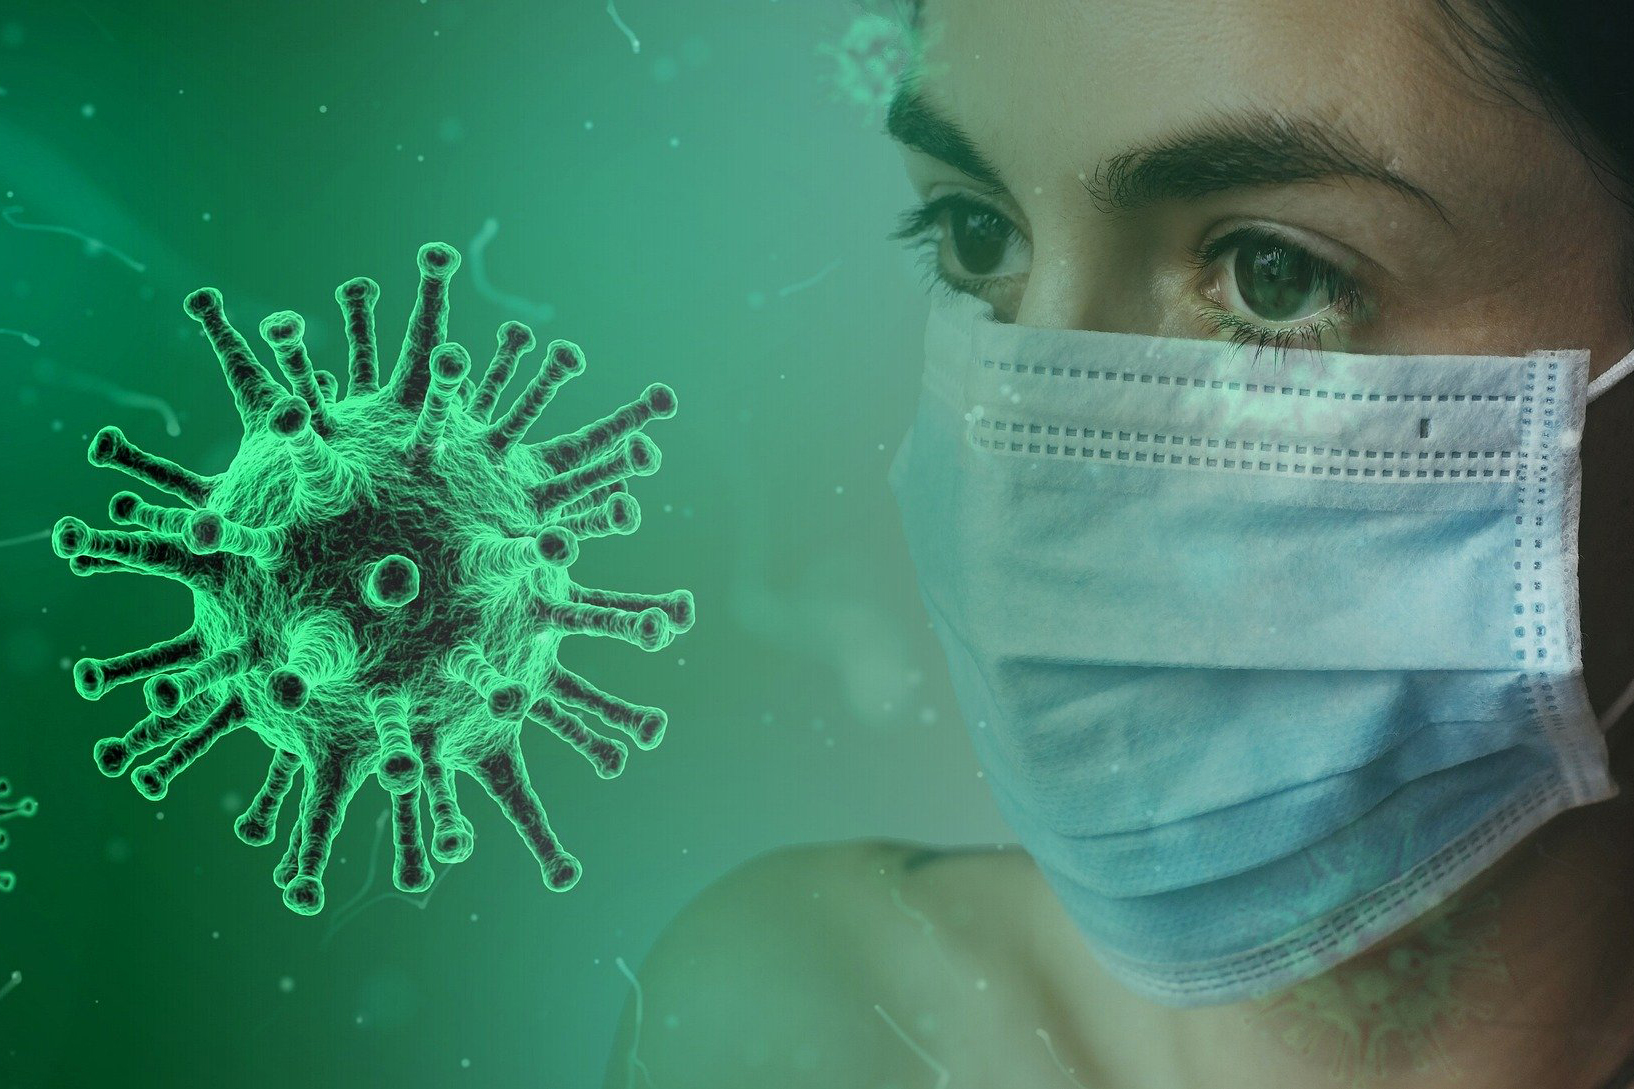 Lo más doloroso, sin duda alguna, son los fallecidos a causa del coronavirus.